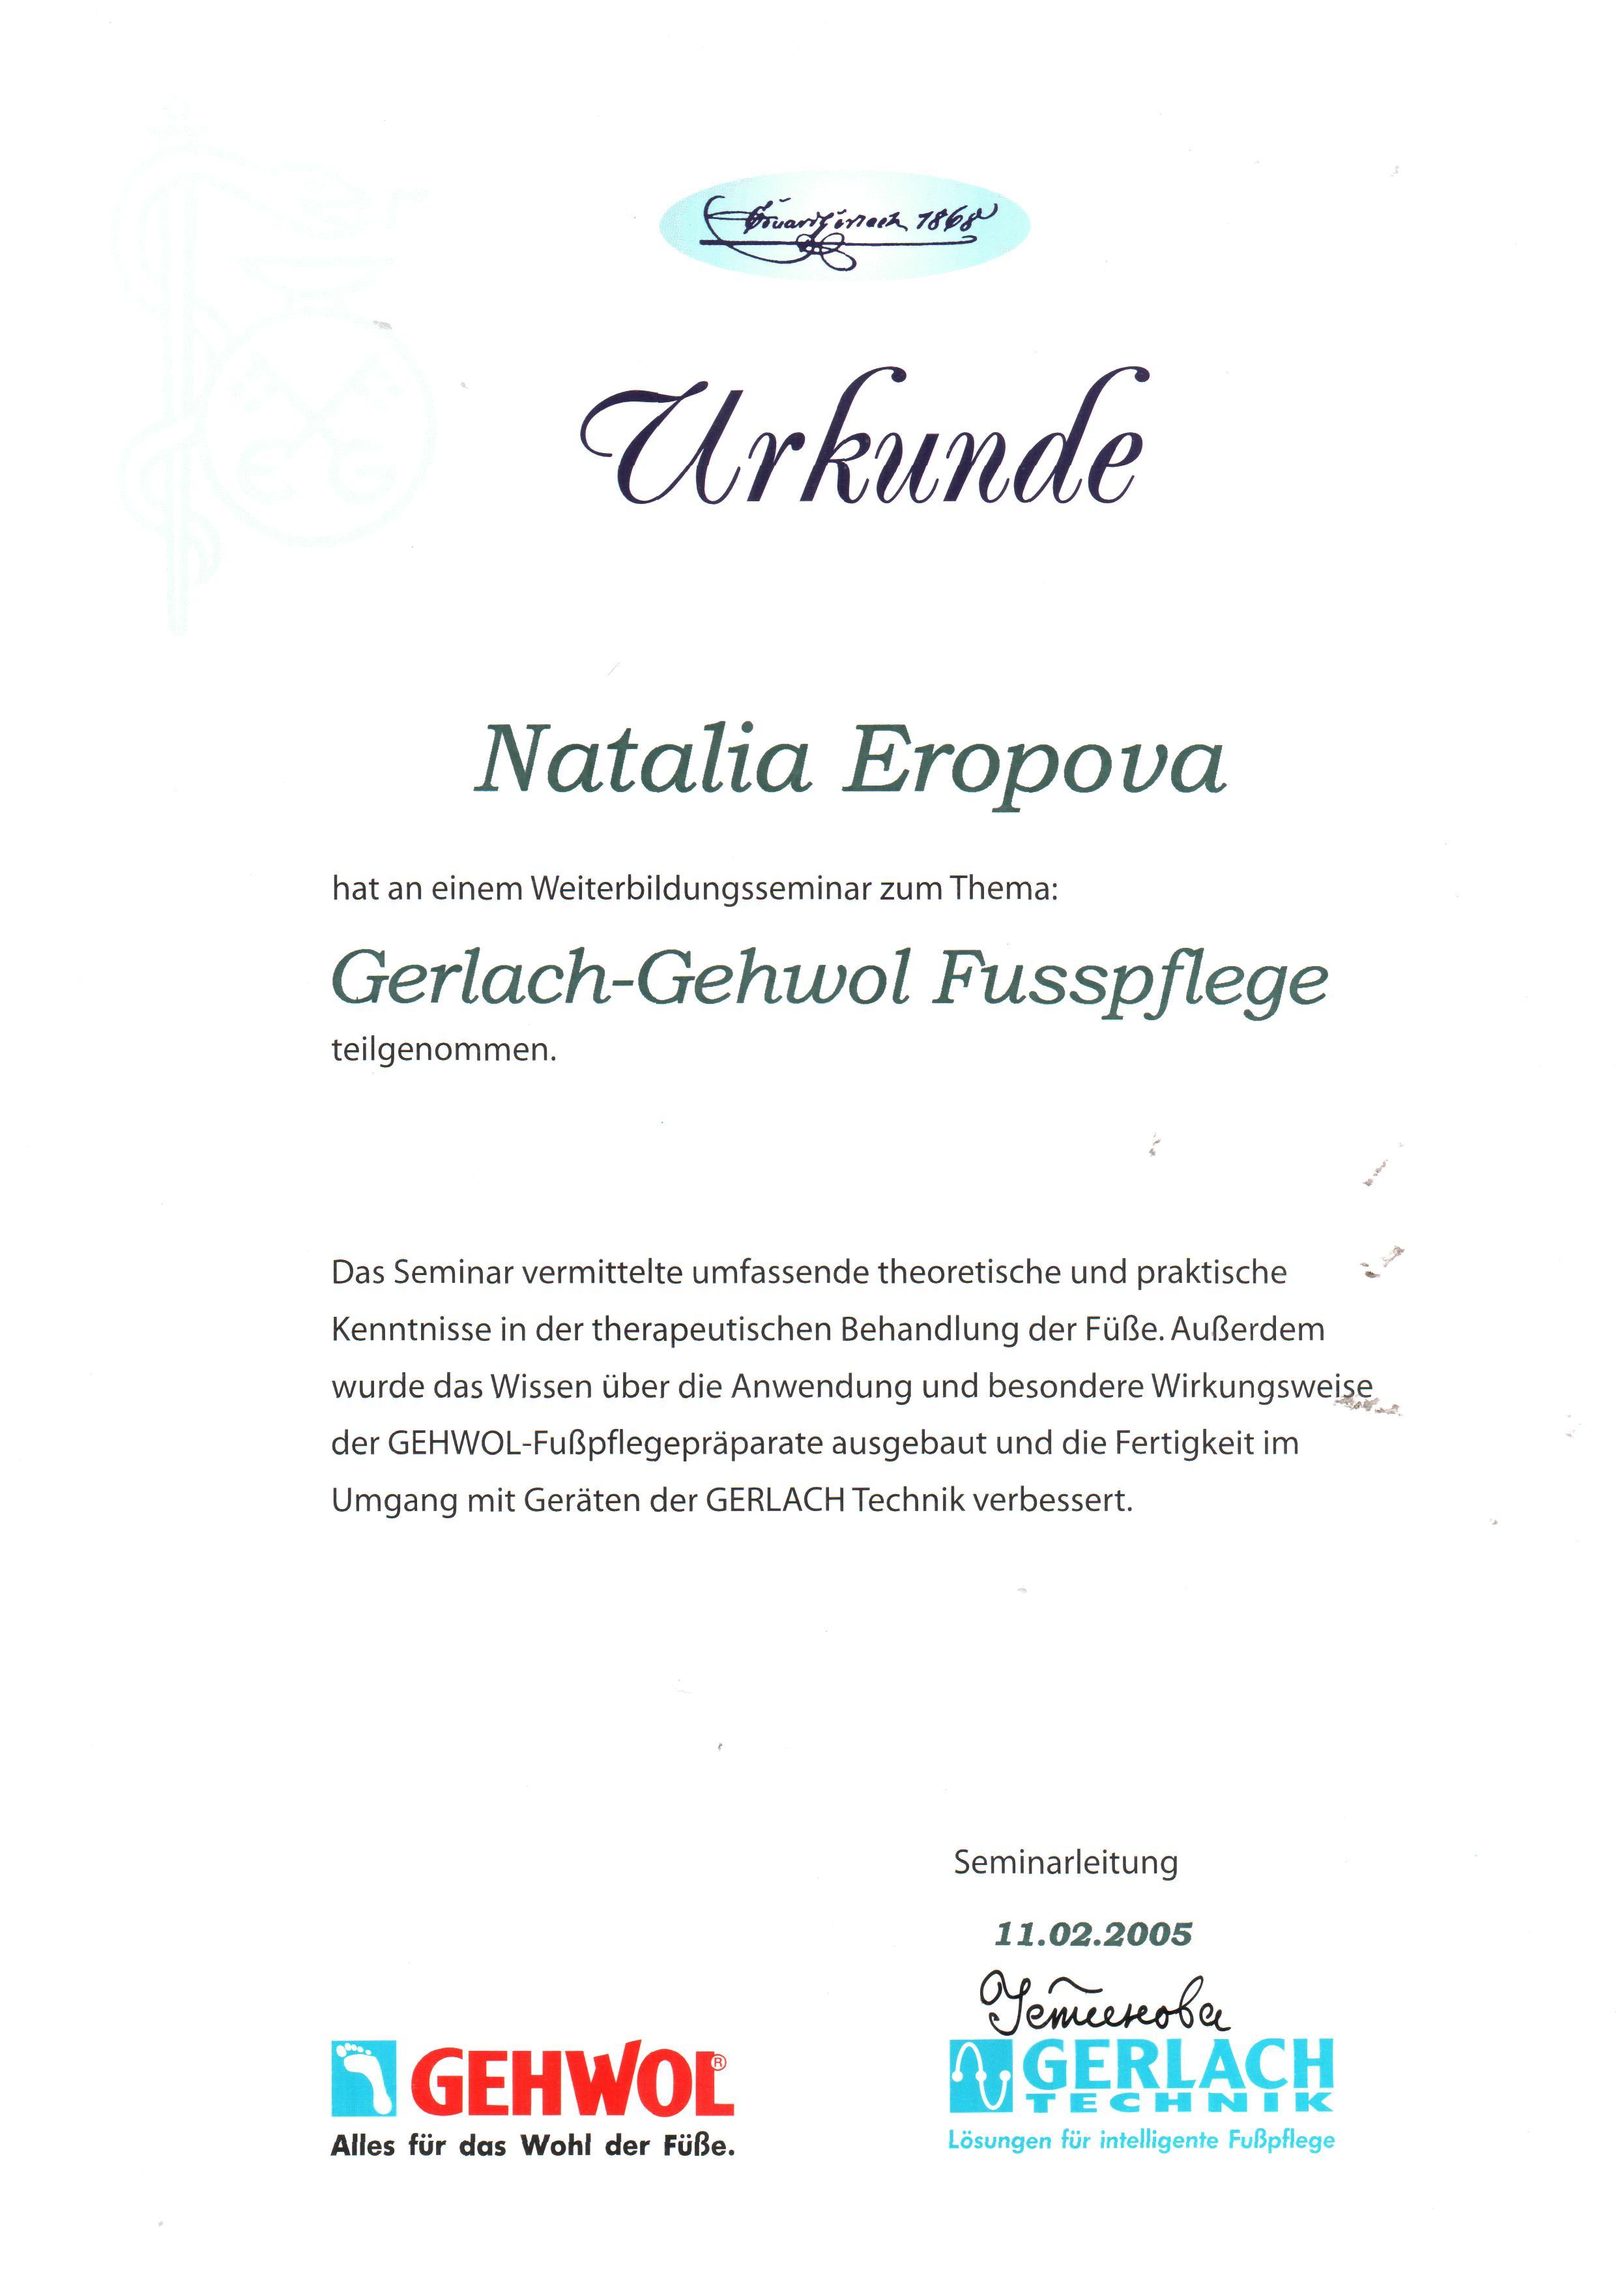 2005 Gerlach-Gehwol